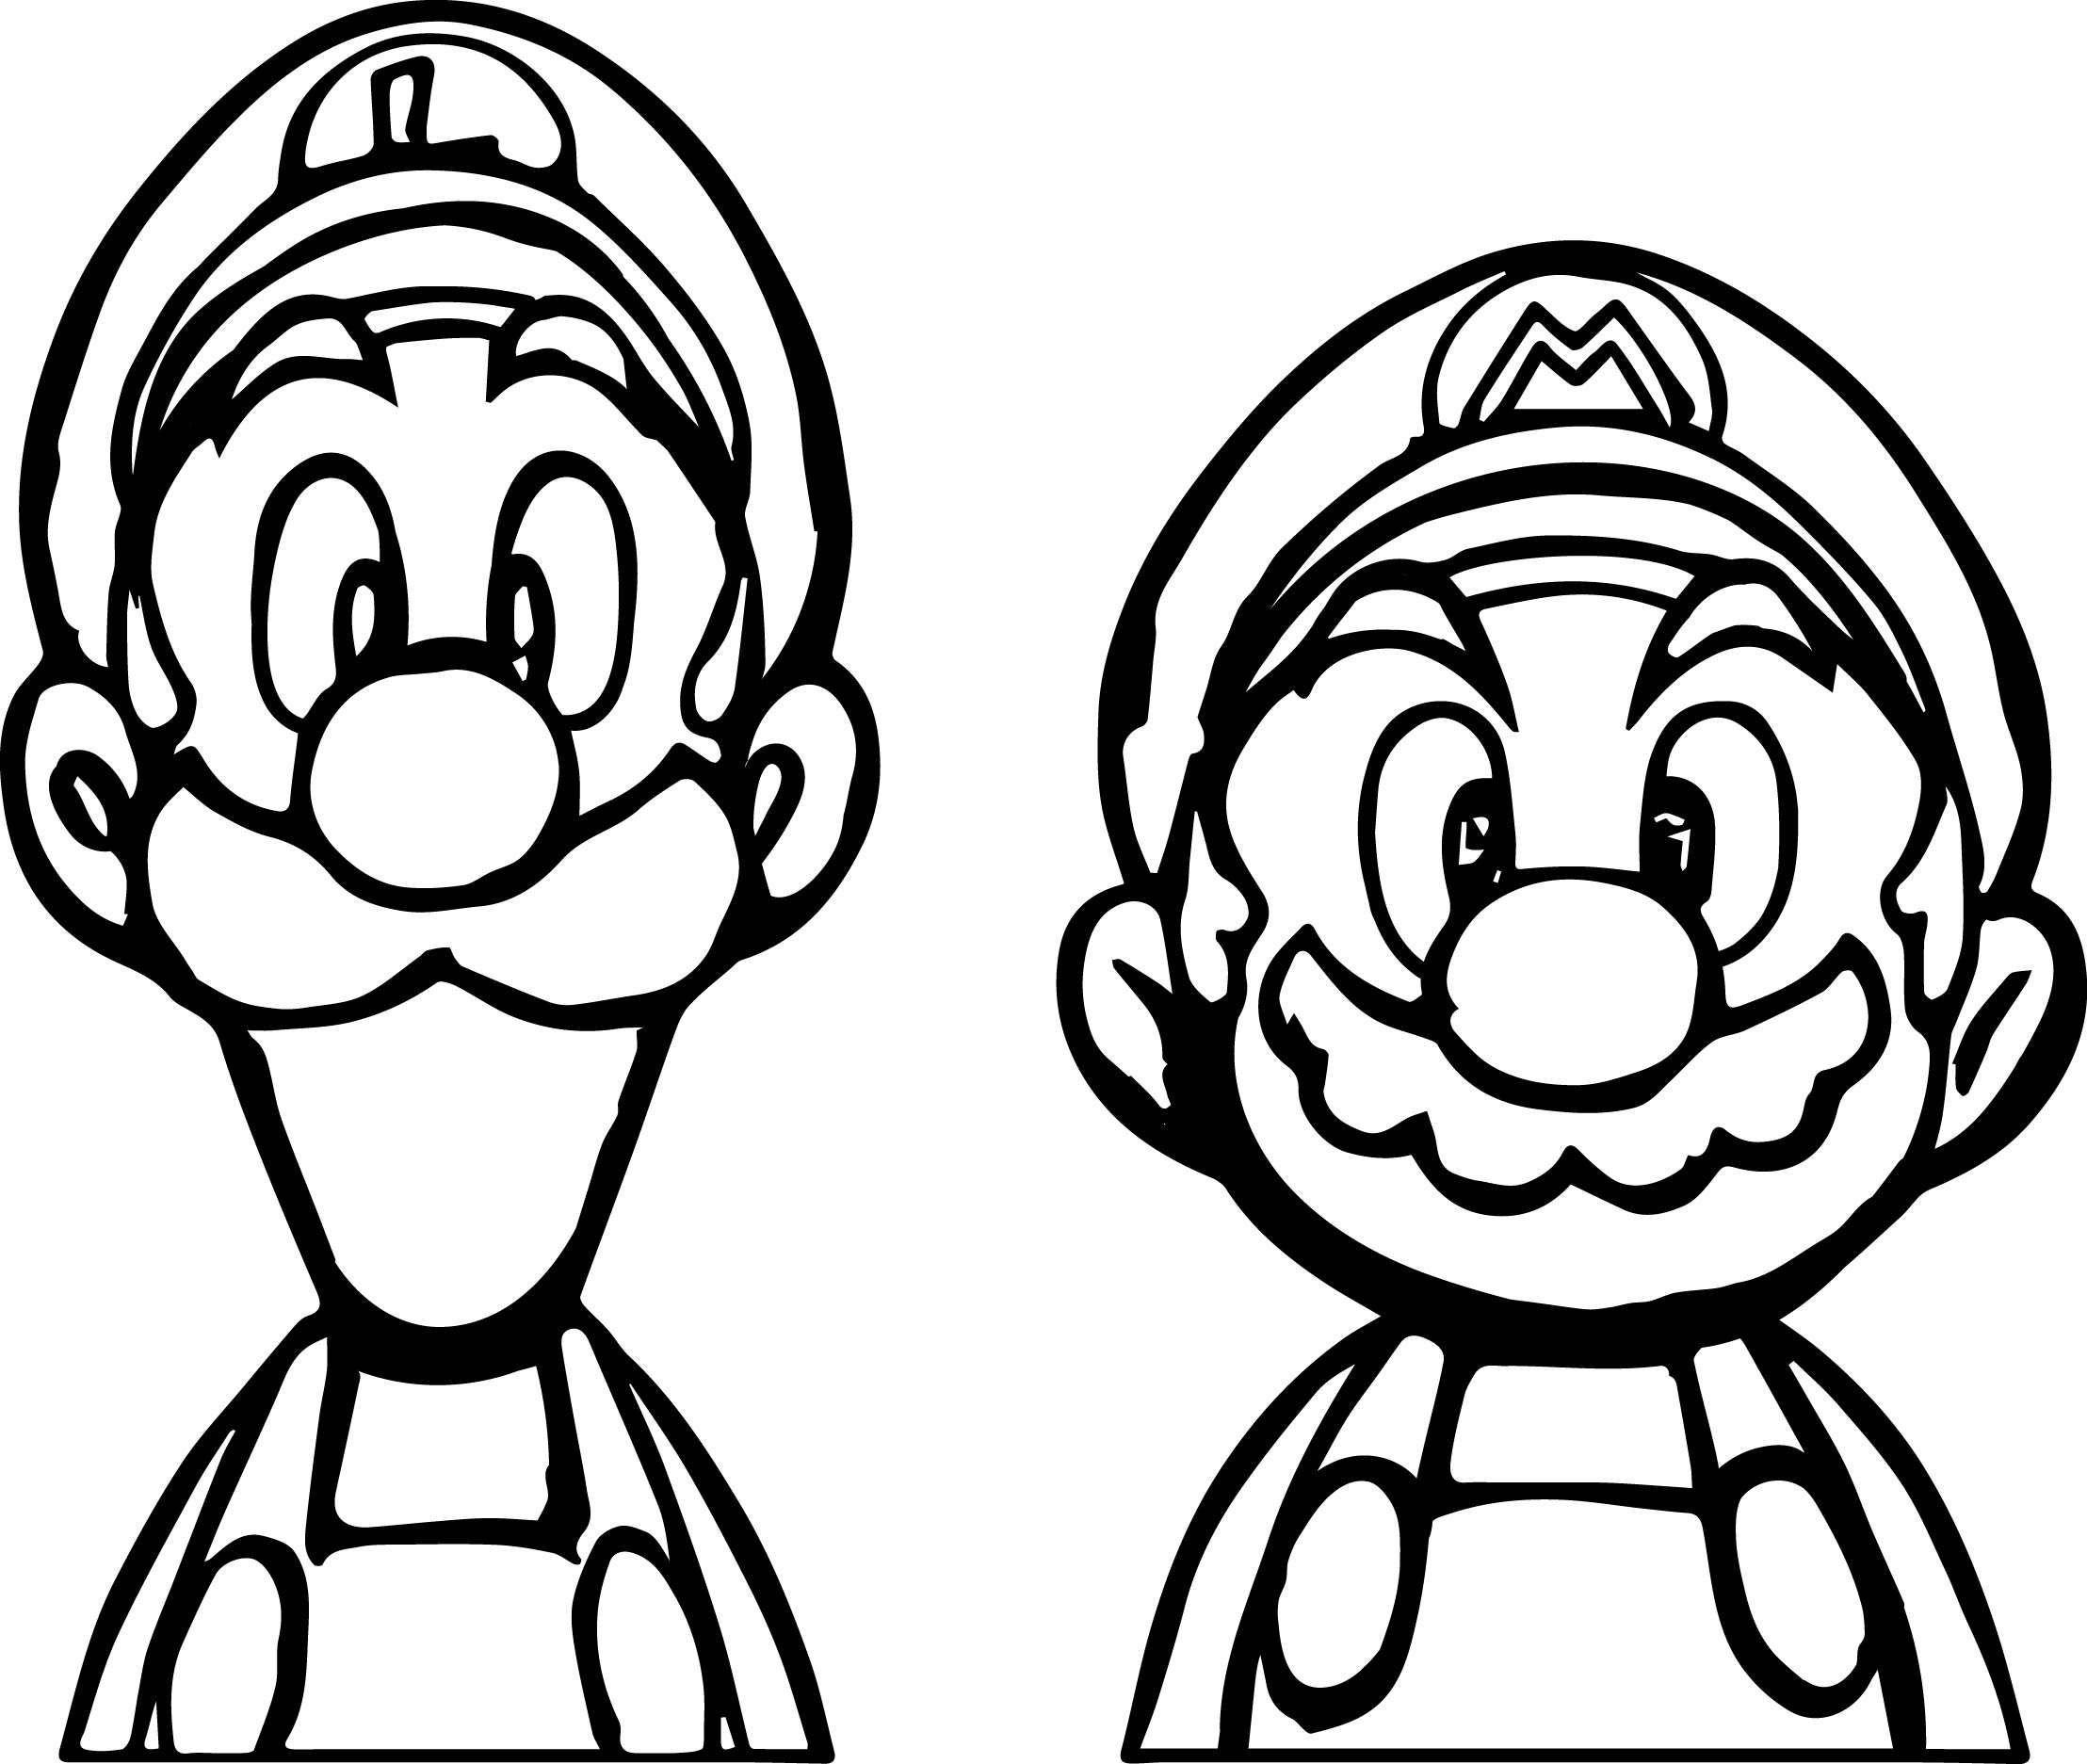 Super Mario Coloring Page Luxury Photos Mario Luigi Coloring